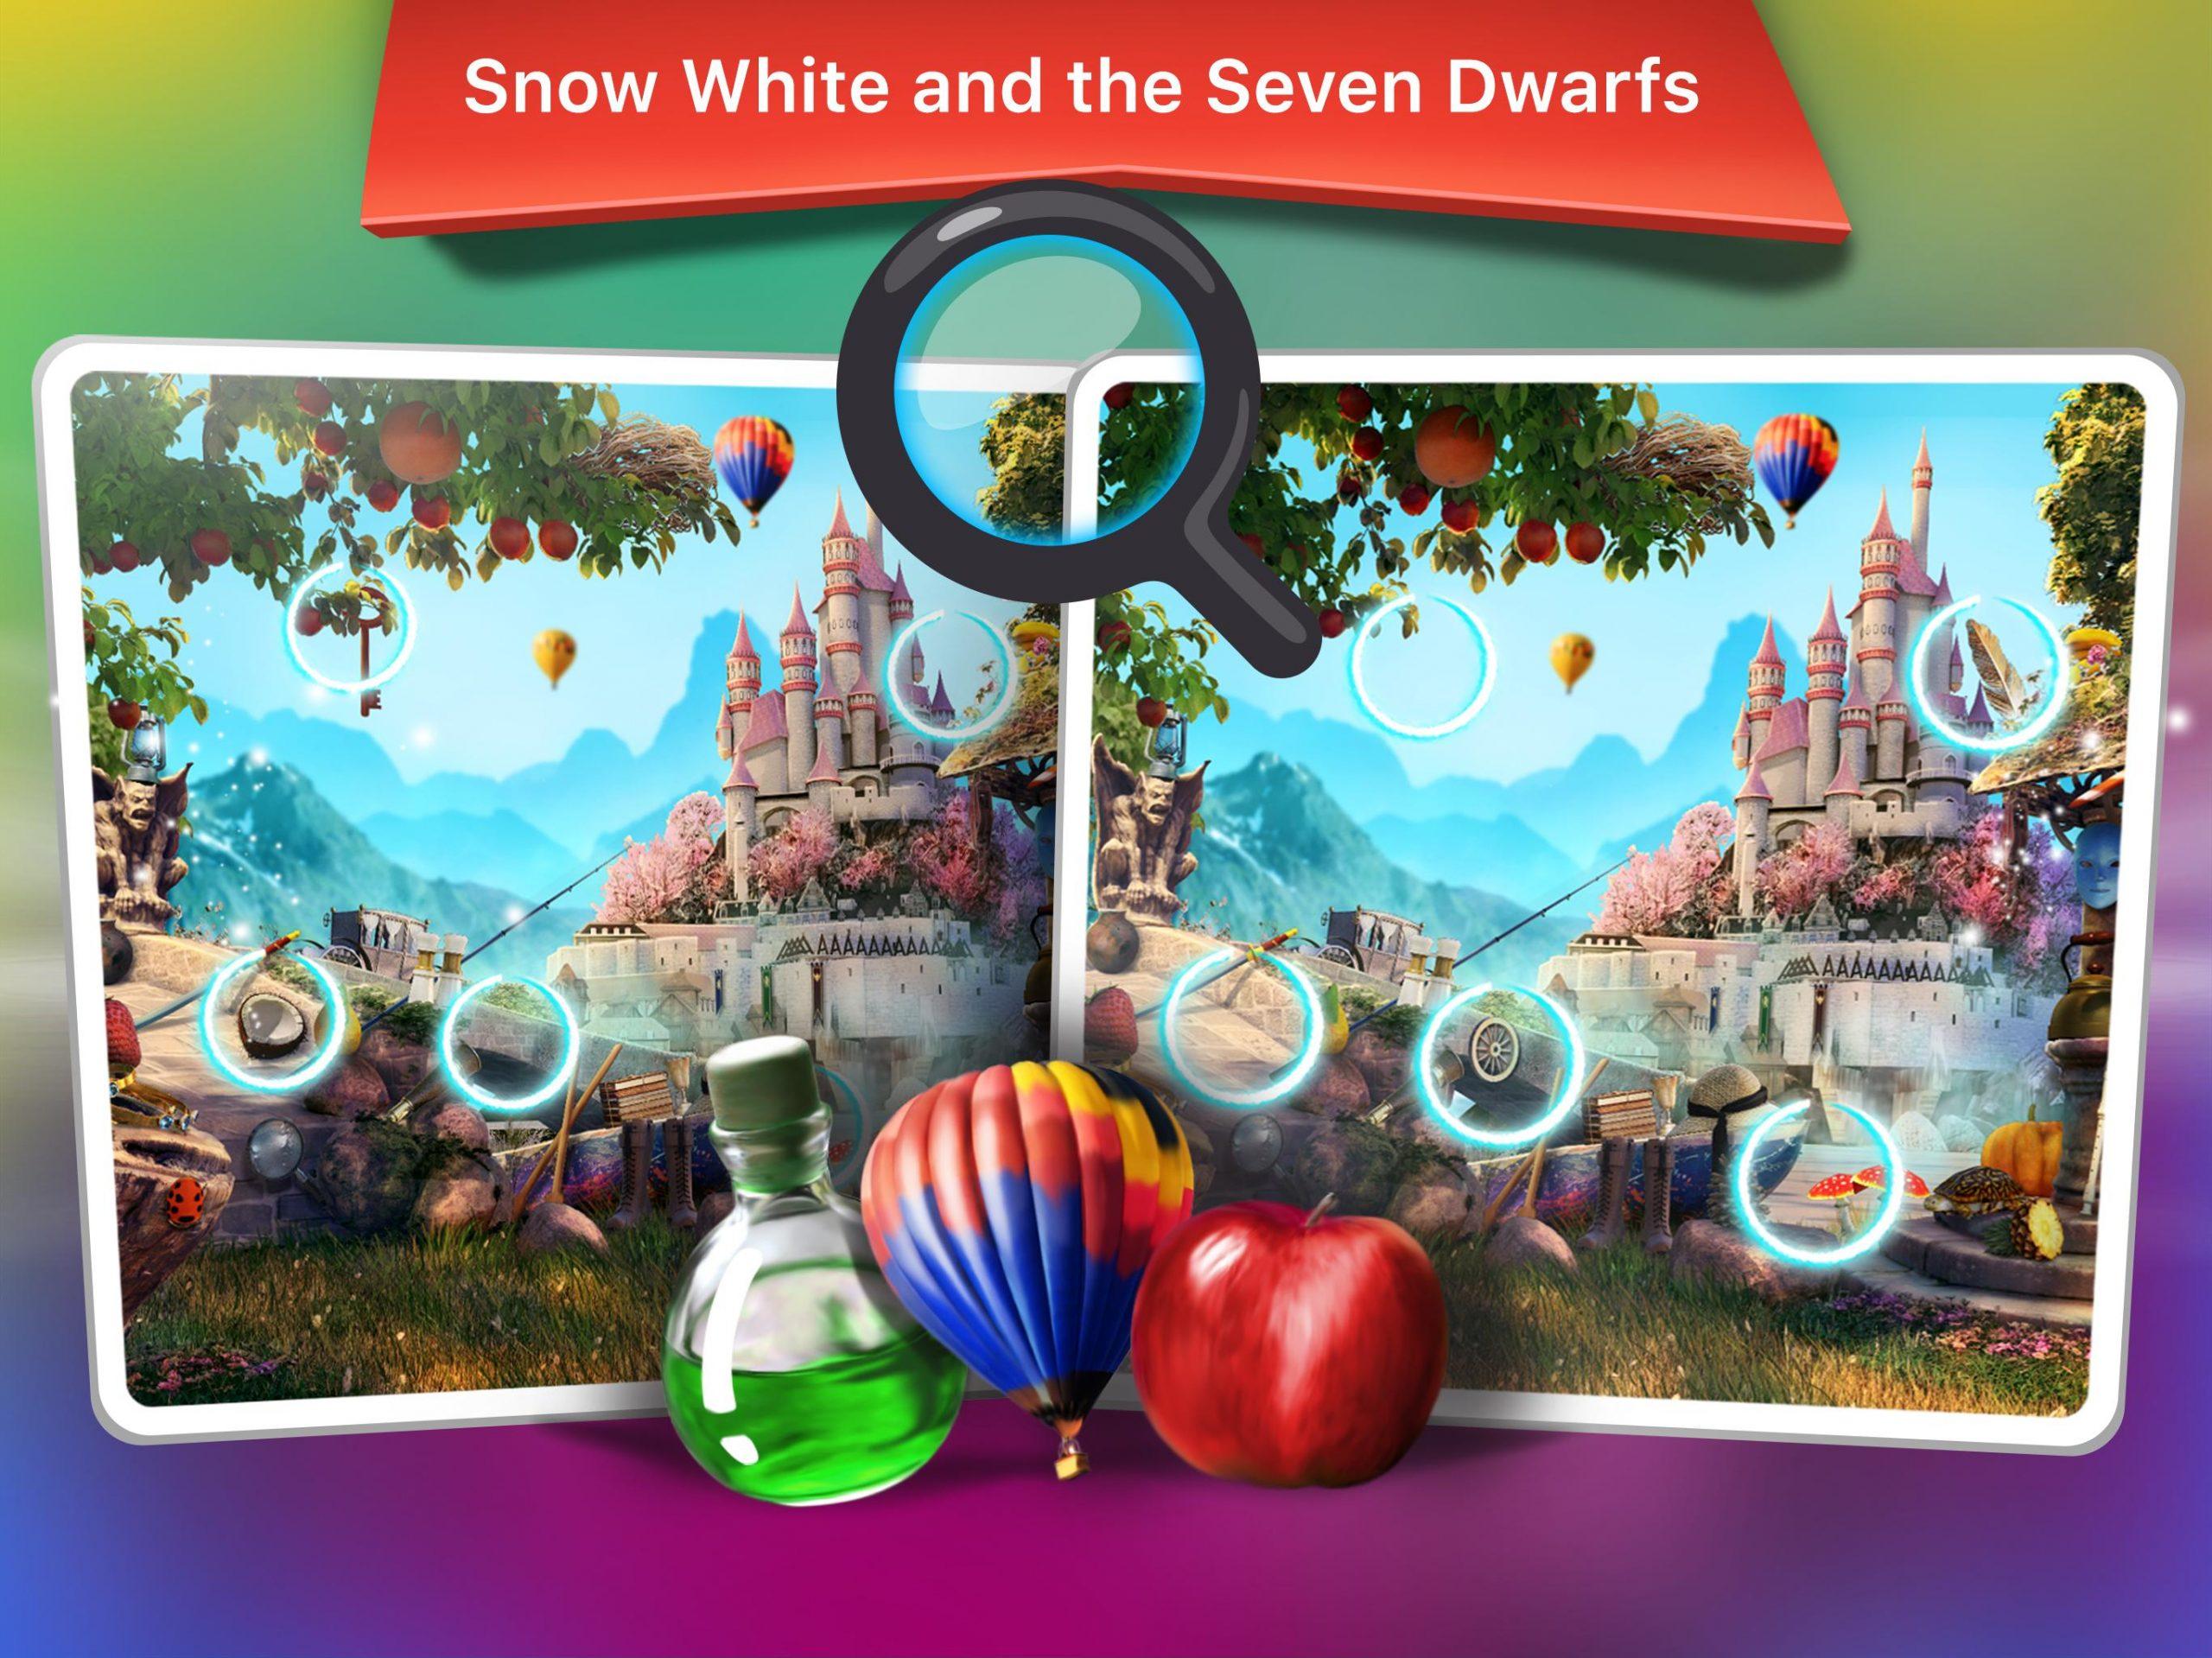 Jeux De Trouver Les Difference - Conte De Fées Pour Android concernant Jeux De Différence